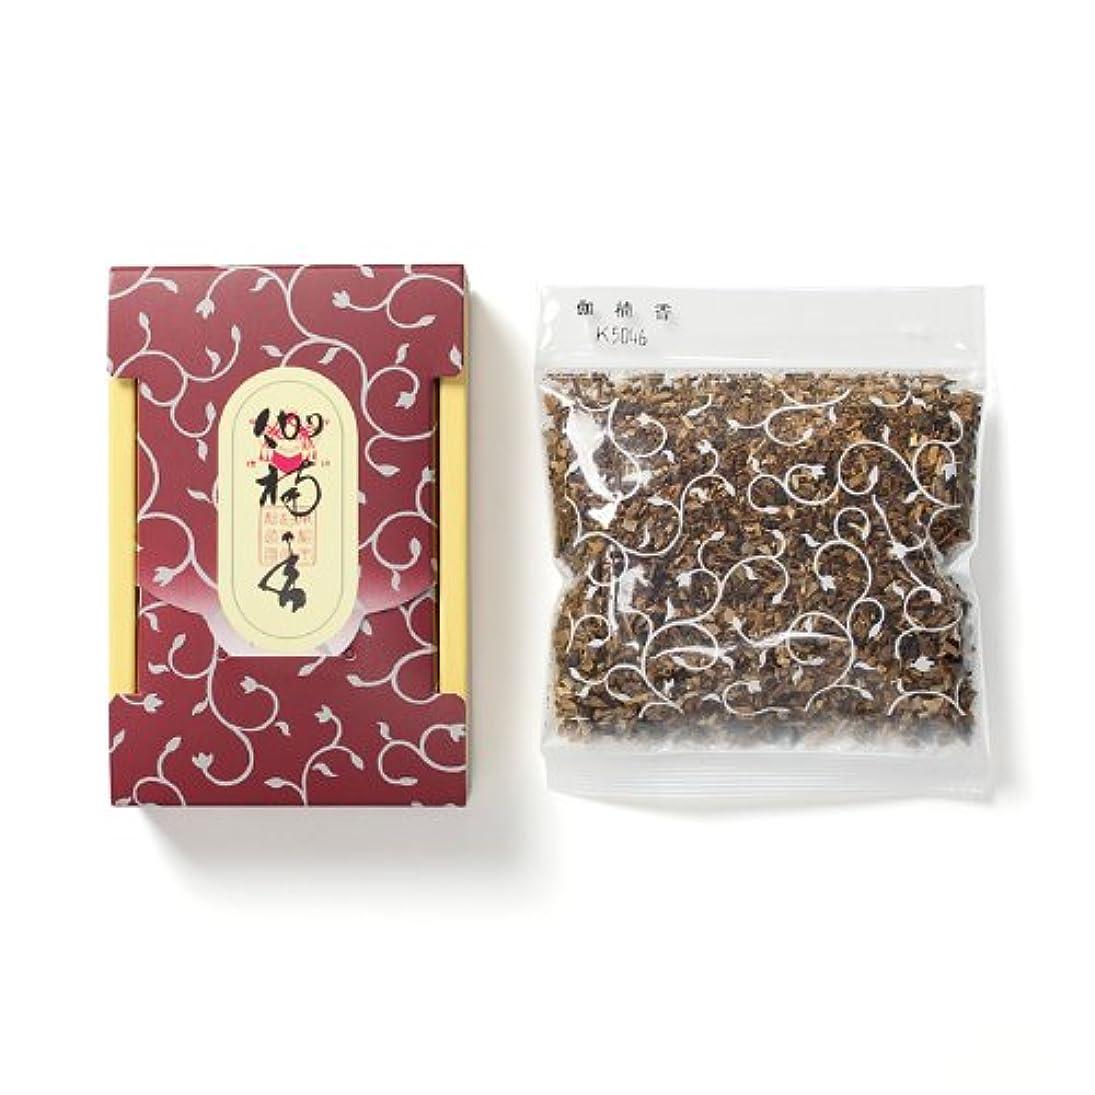 注入する見込み赤松栄堂のお焼香 伽楠香 25g詰 小箱入 #410641